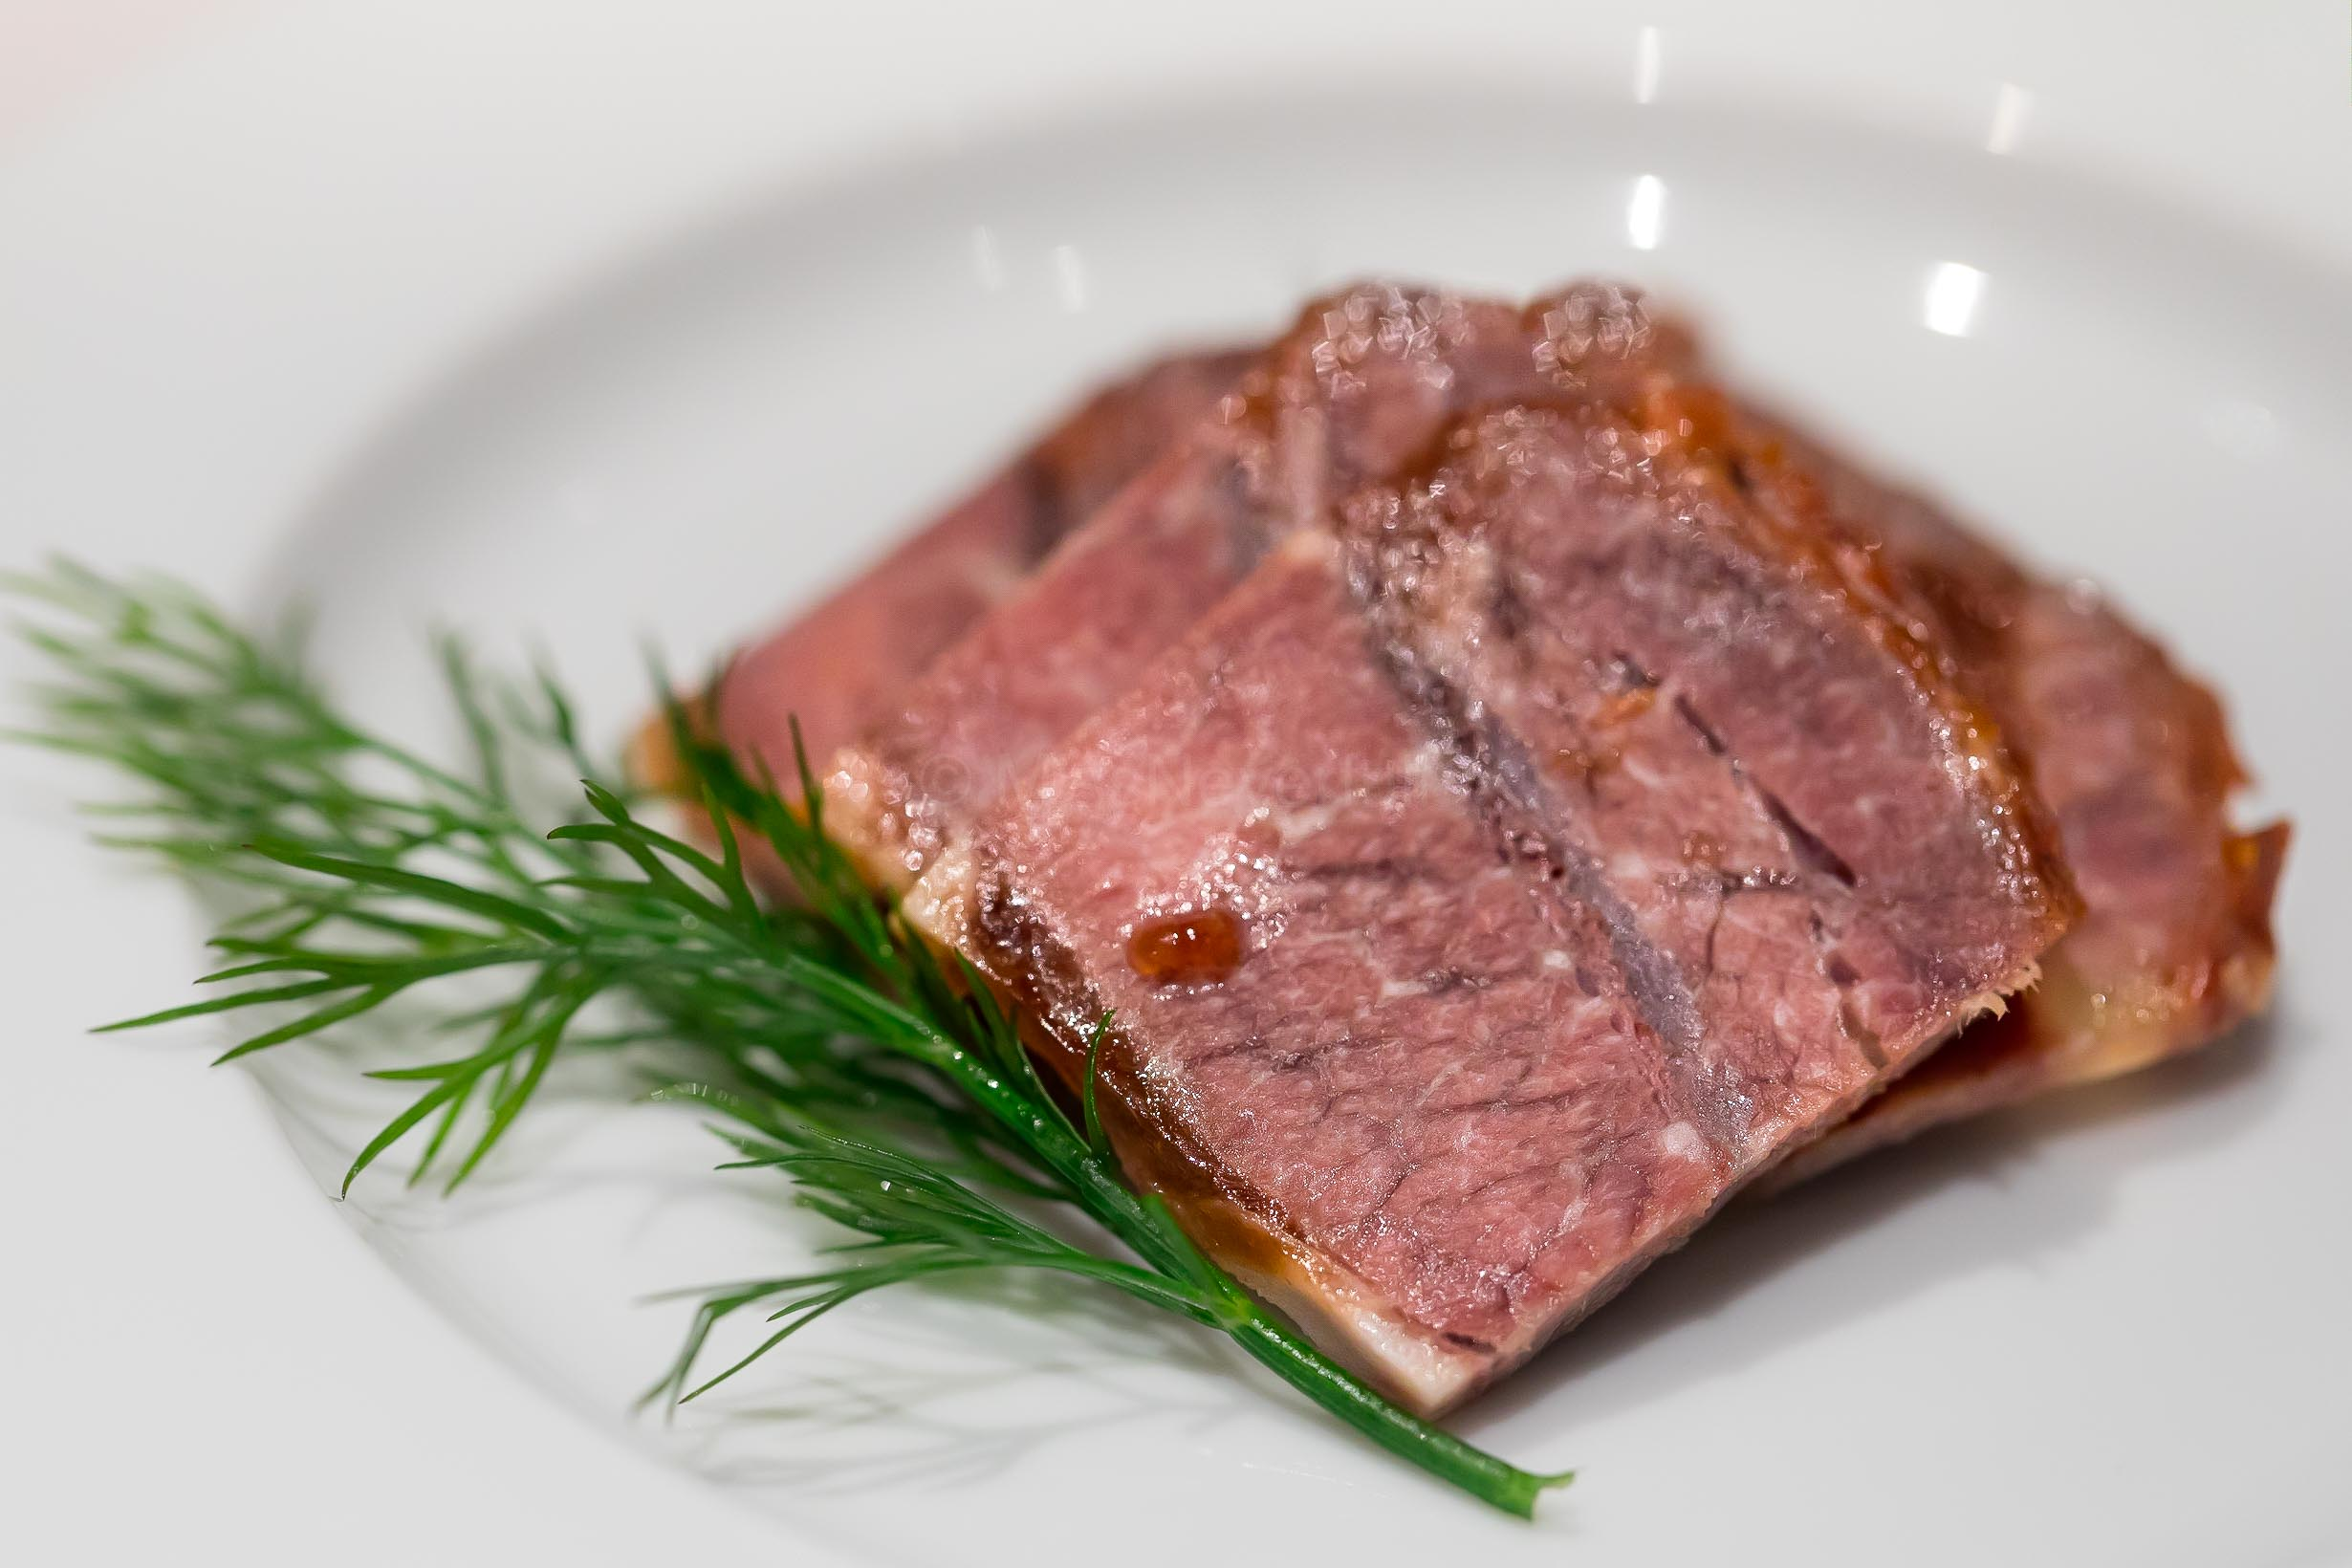 片片金錢牛 (JPY 1,050) Sliced marinated Japanese beef